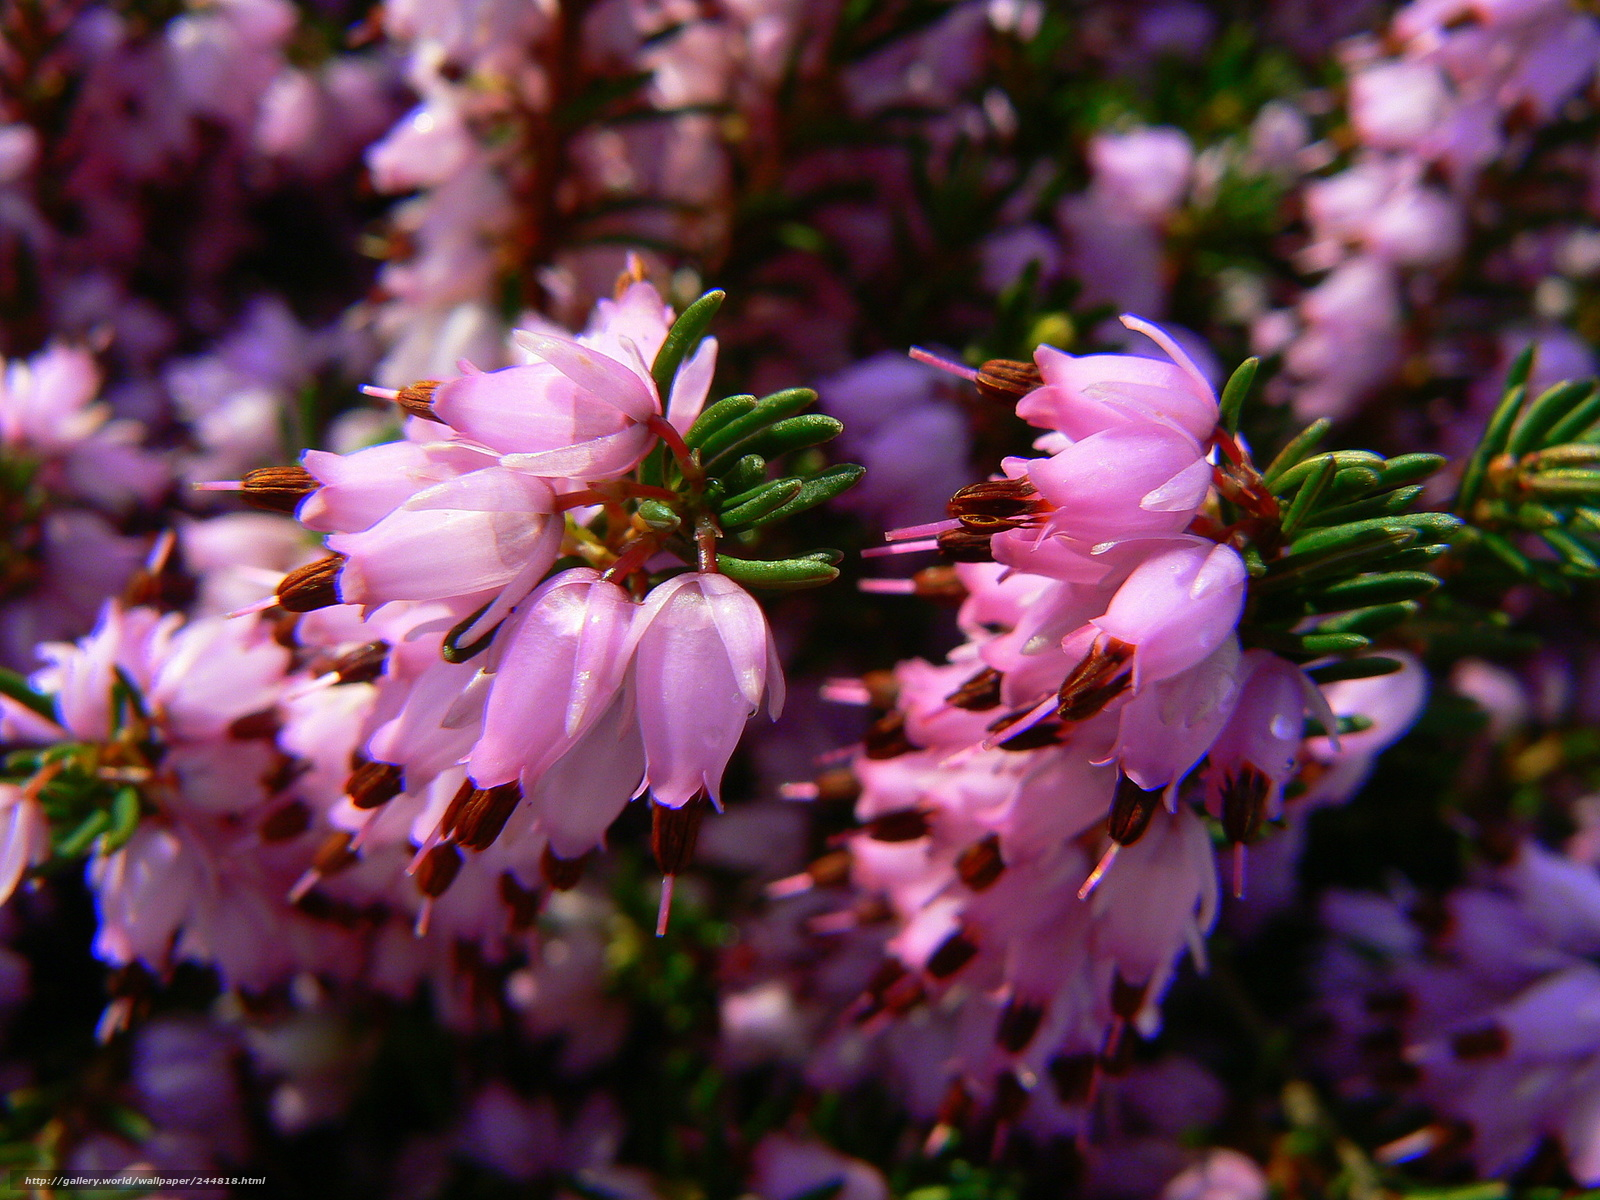 Tlcharger Fond d'ecran rose,  Fleurs,  Nature Fonds d'ecran gratuits pour votre rsolution du bureau 2304x1728 — image №244818